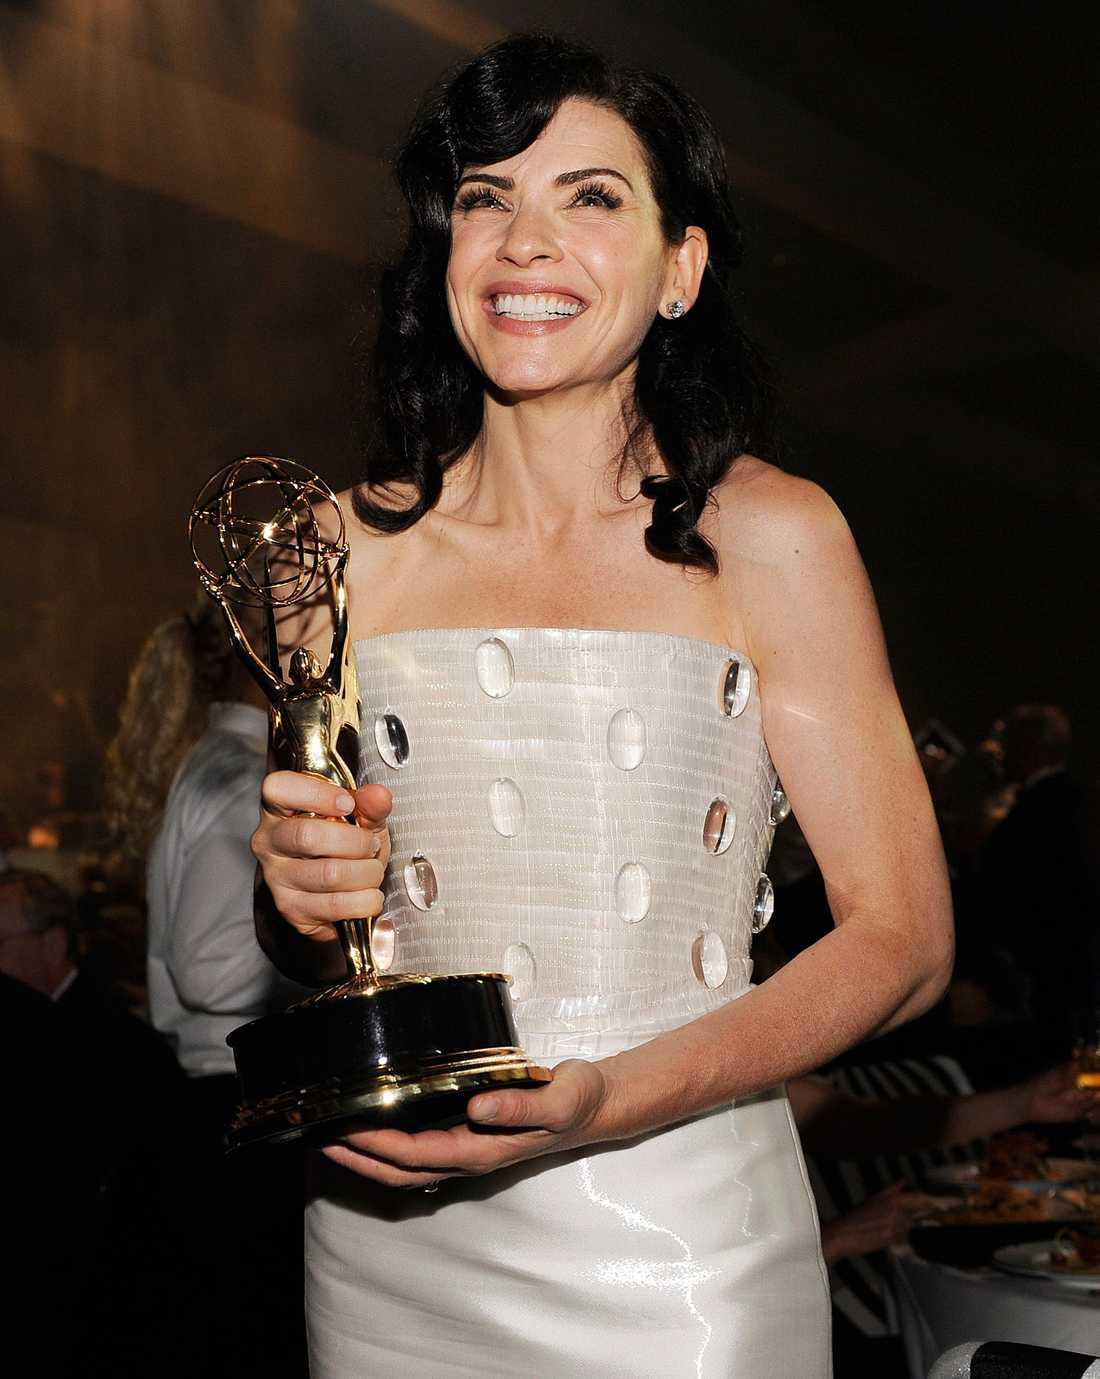 """Julianna Margulies var glad efter att ha vunnit en Emmy i kategorin bästa kvinnliga huvudroll i en dramaserie, för serien """"The good wife""""."""